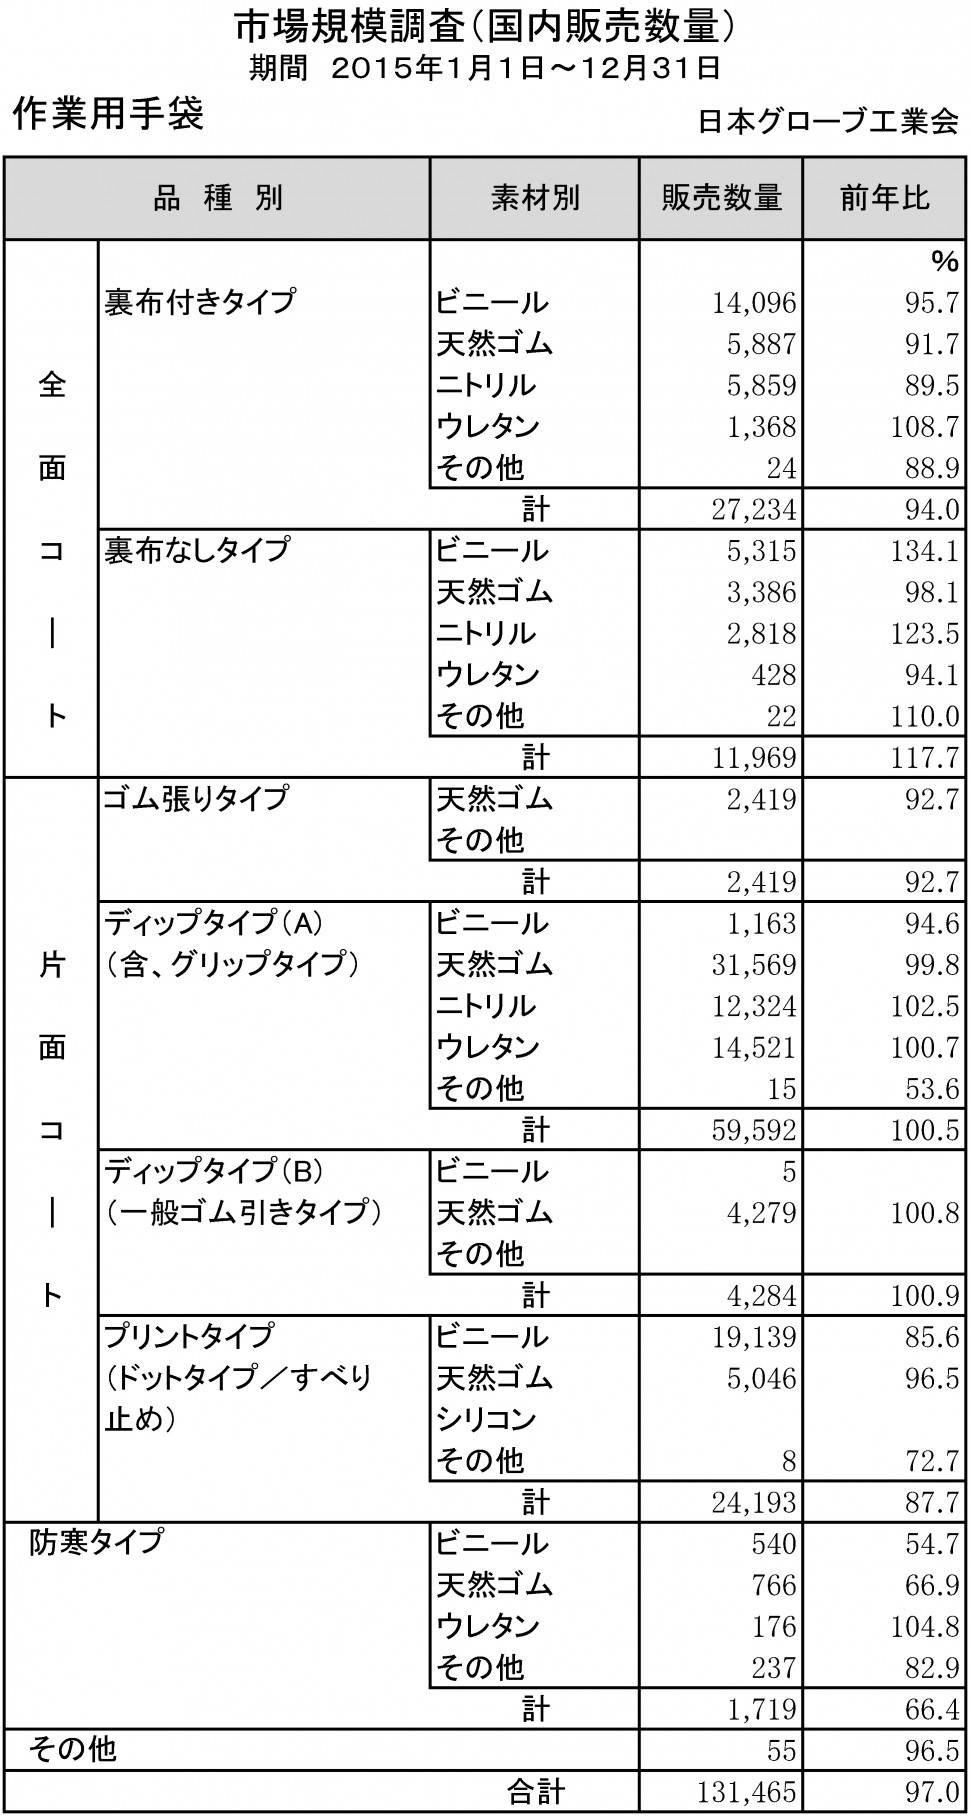 2015年手袋市場規模調査(作業用)